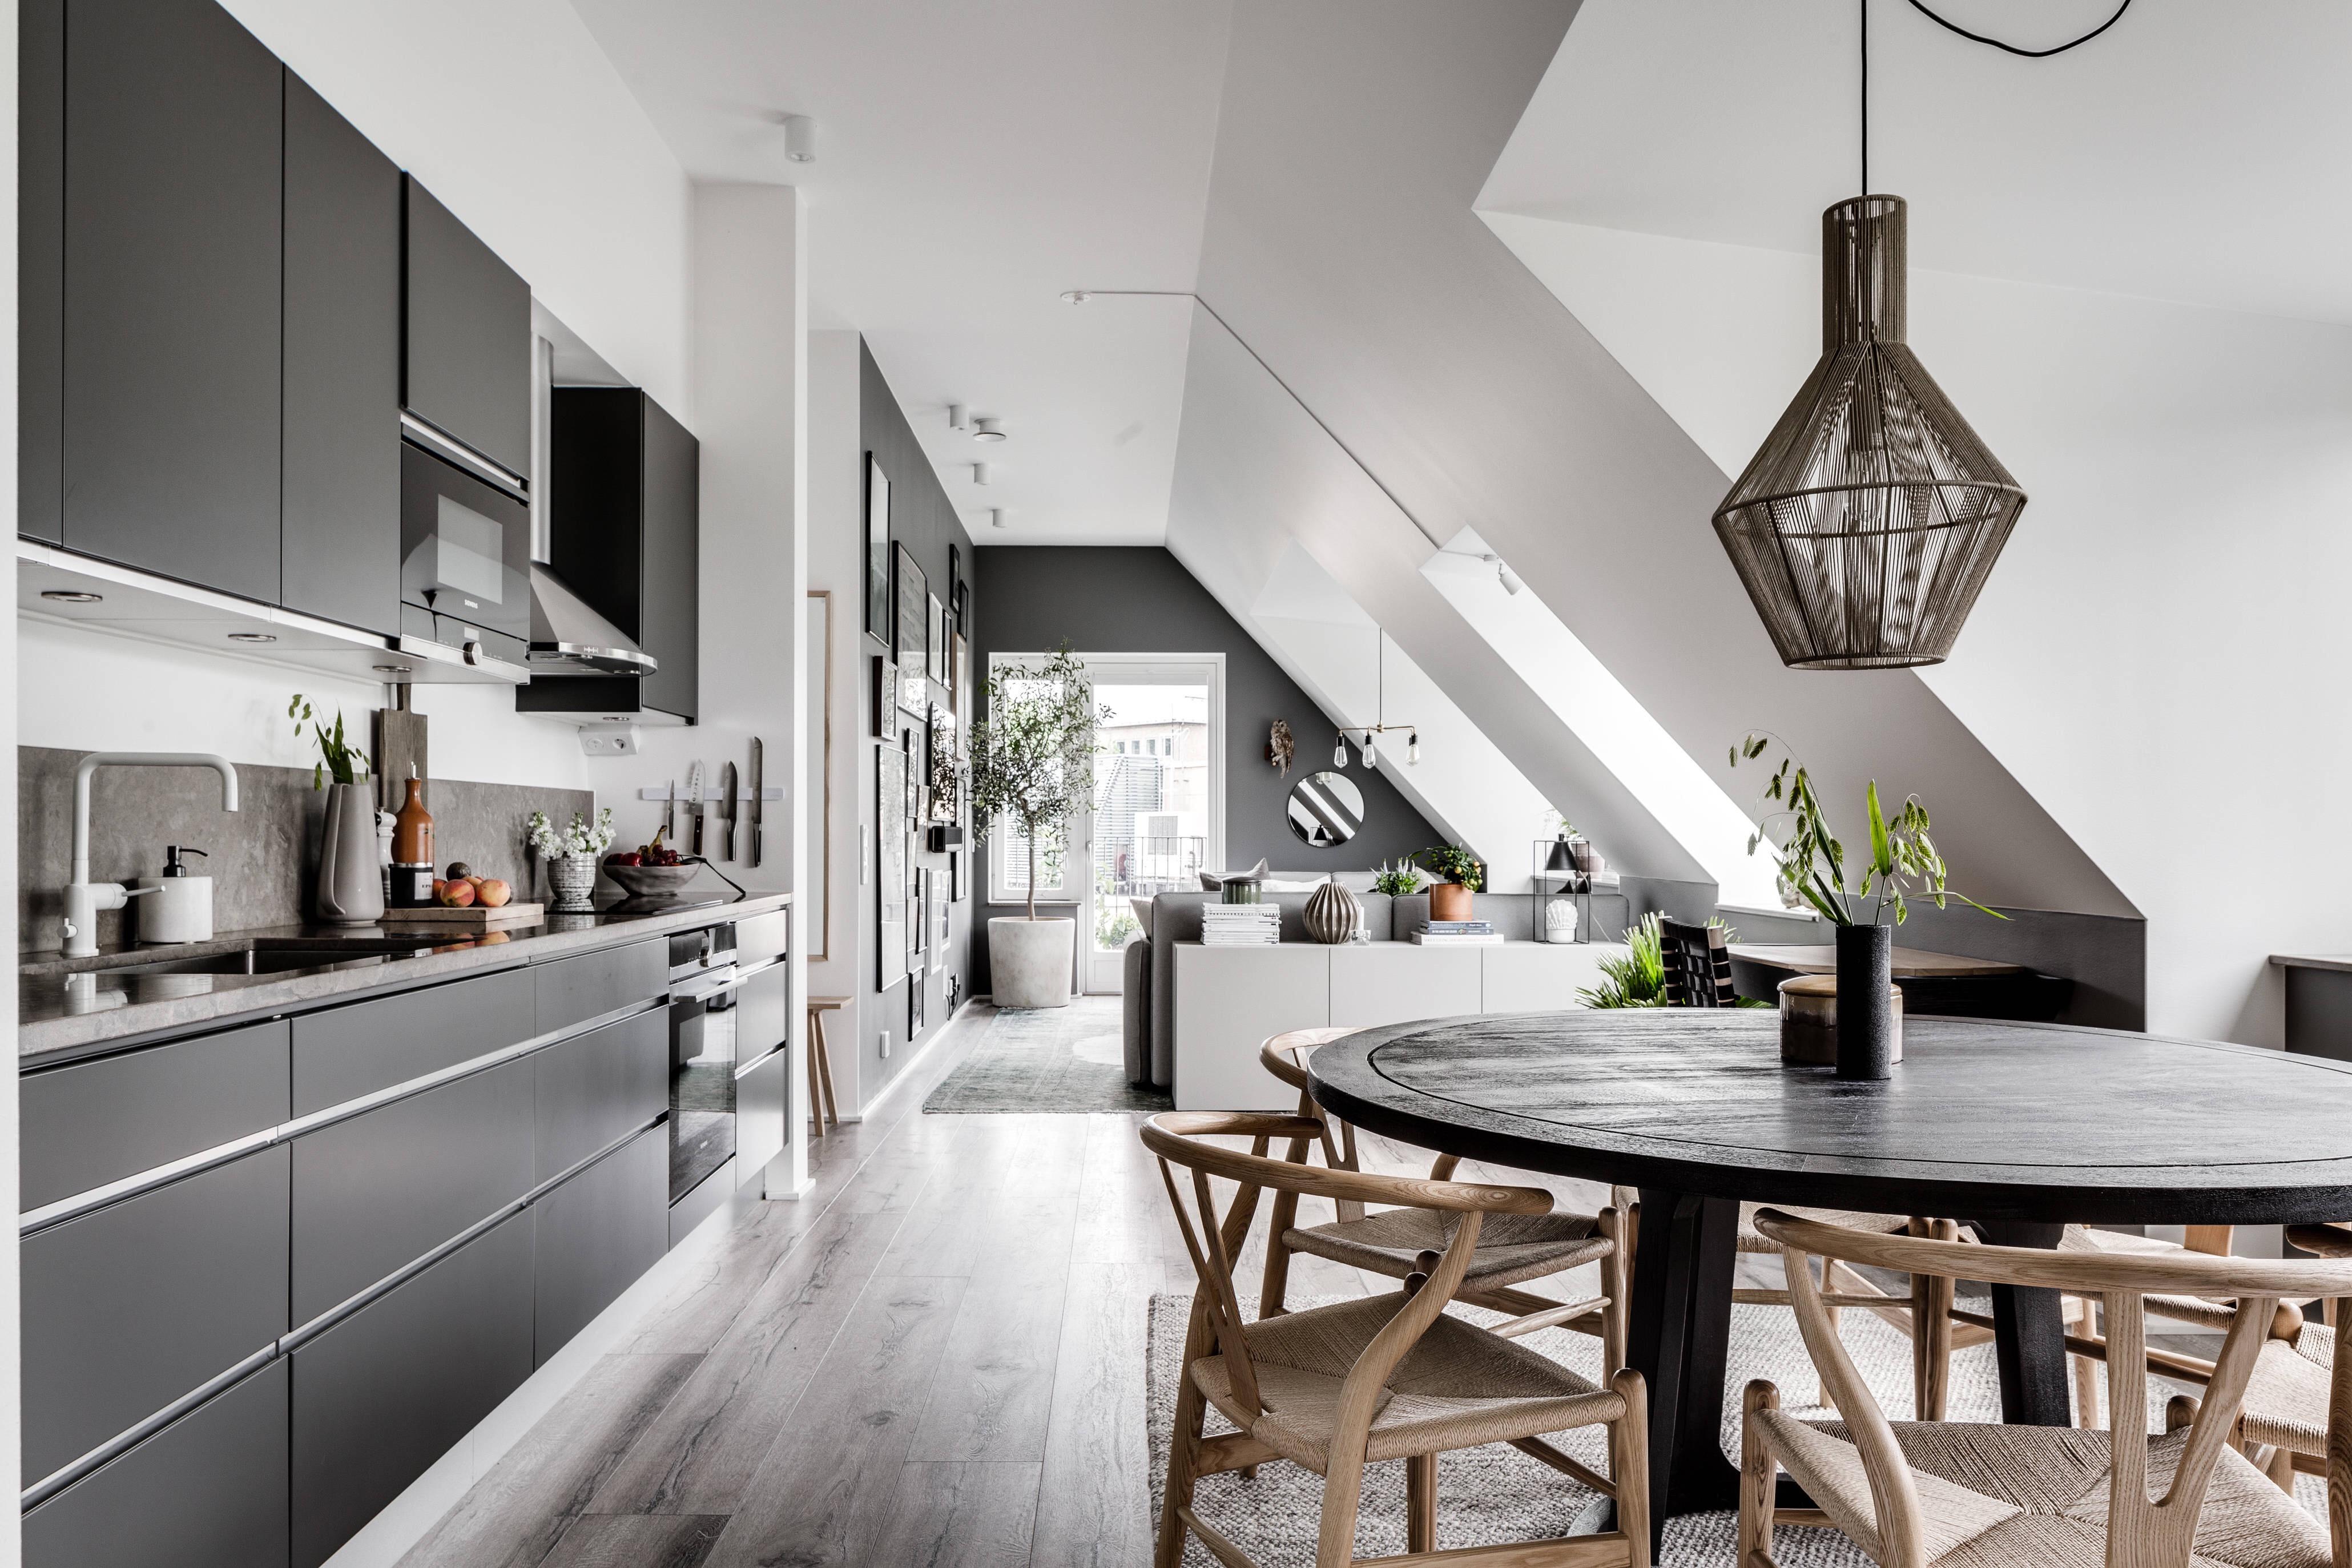 кухня столовая гостиная мансарда